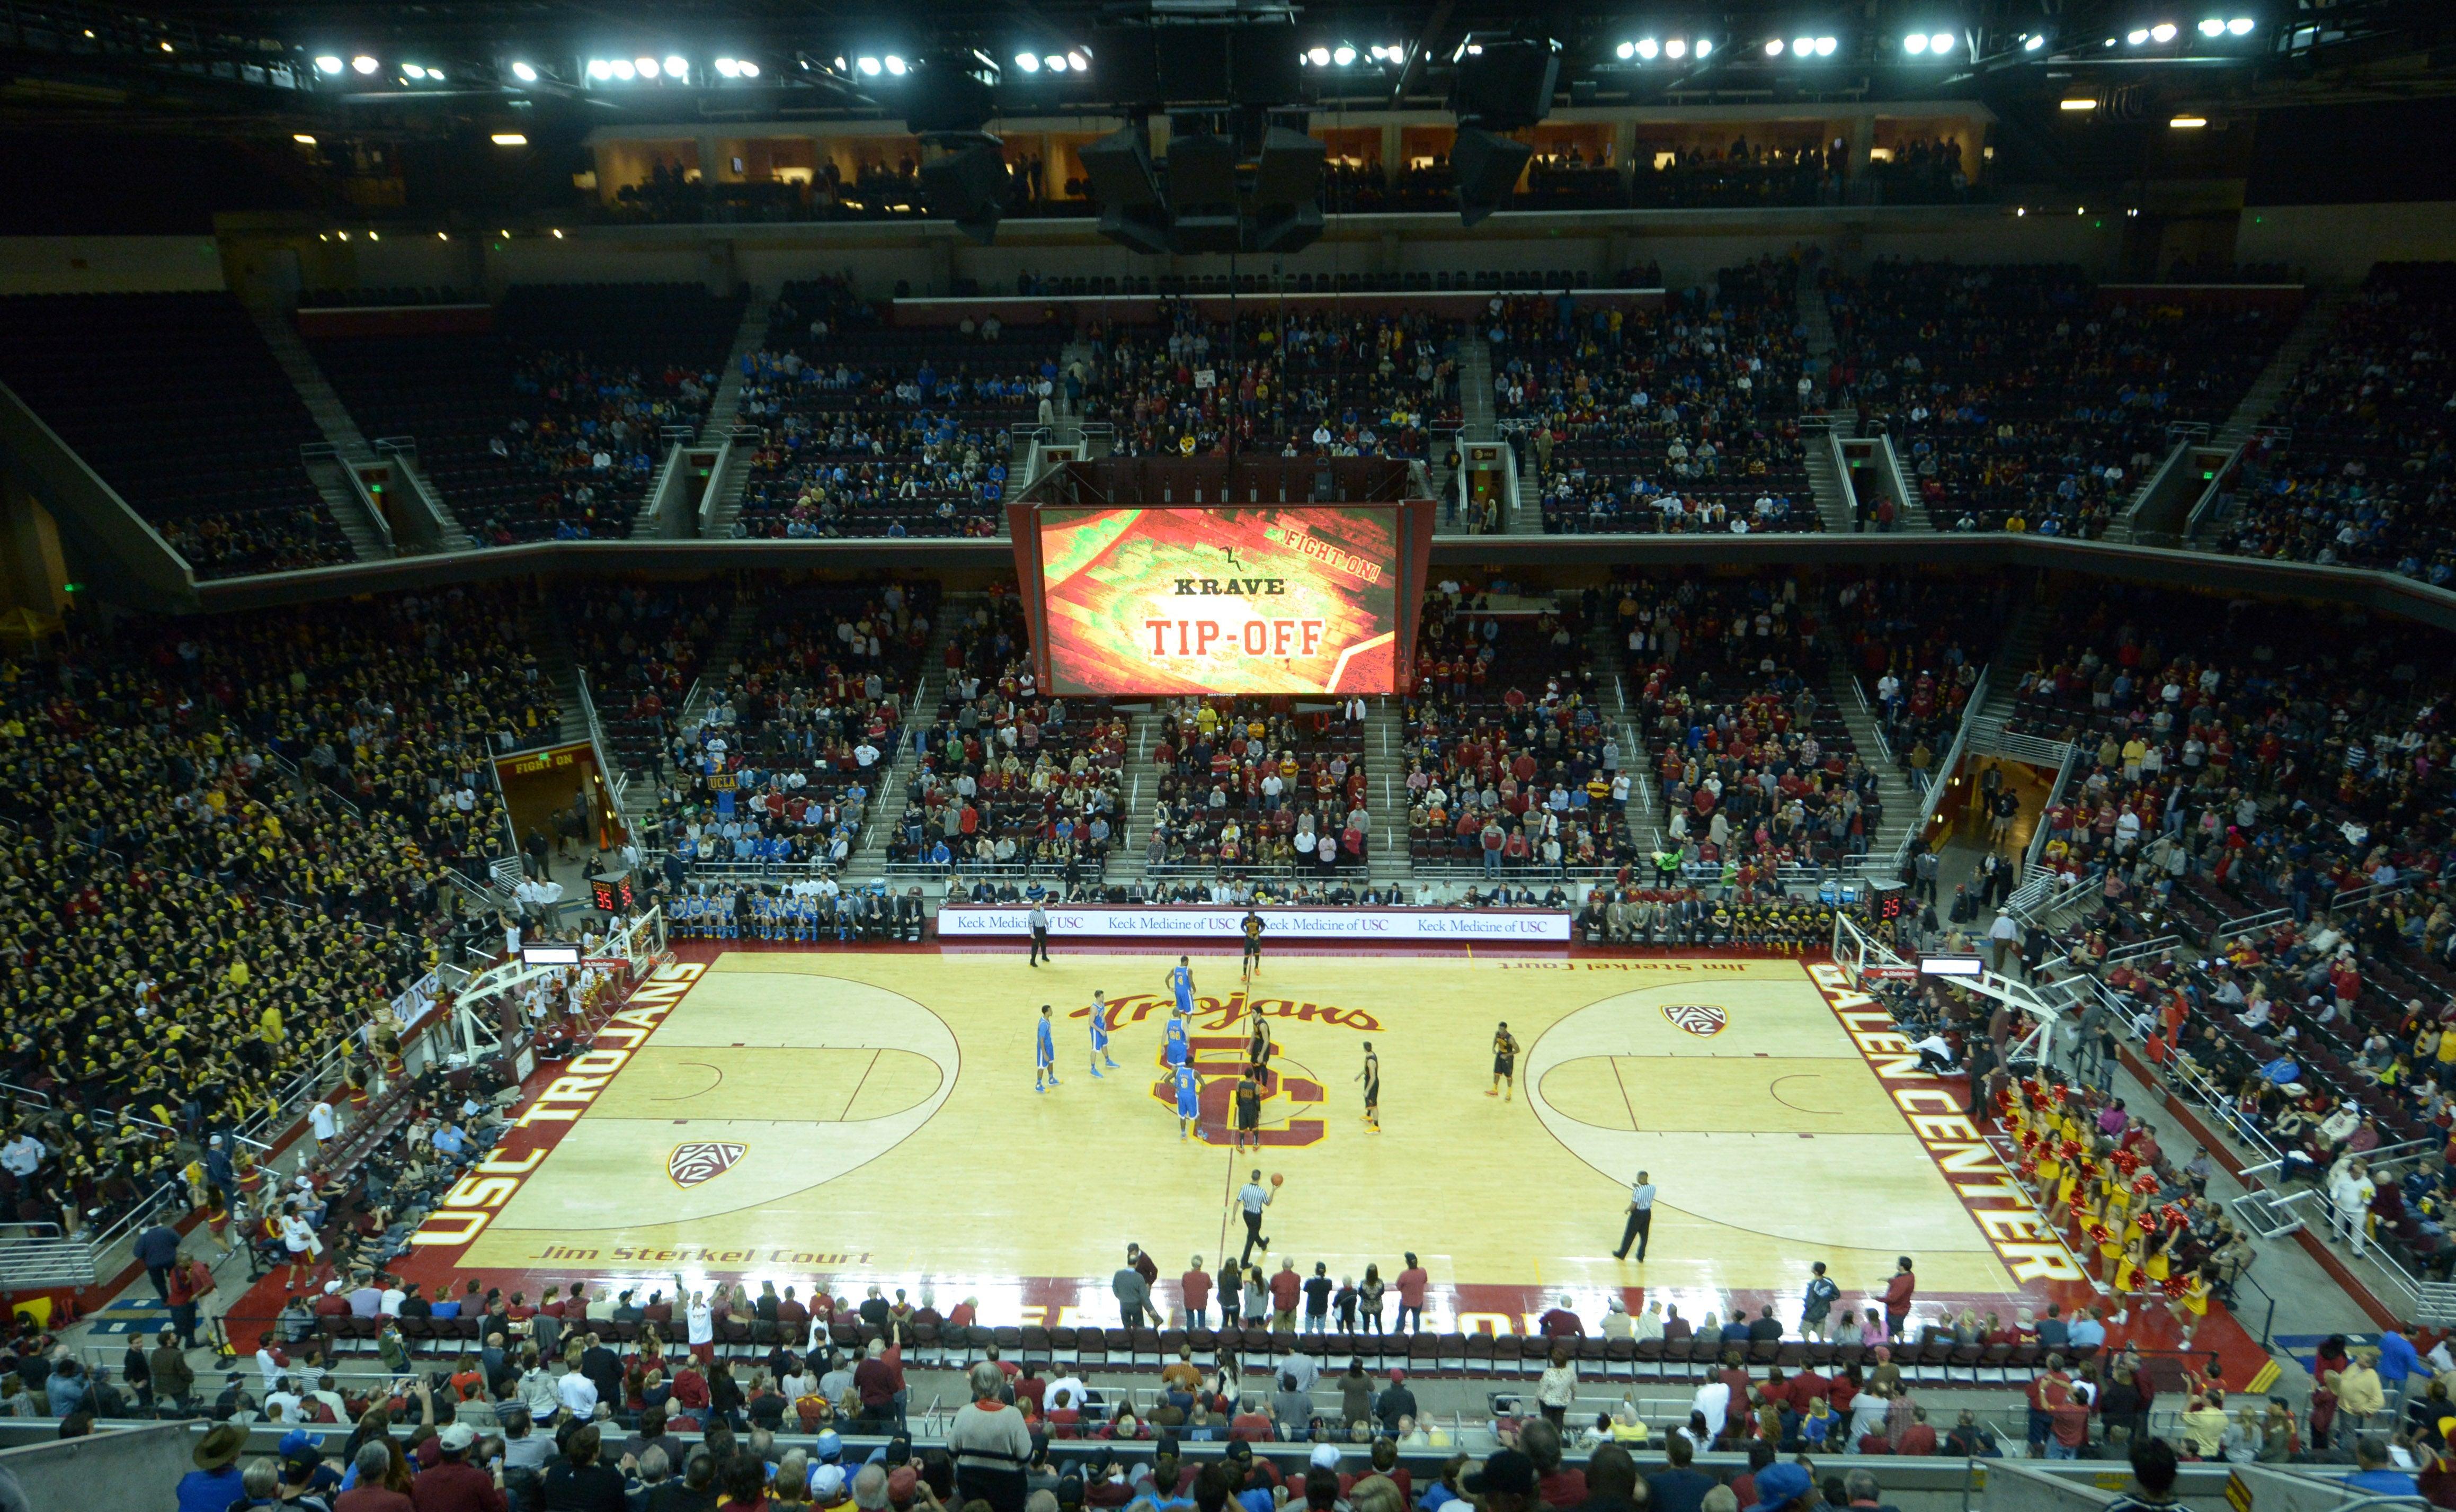 USC Men's Basketball vs. Monmouth University | Galen Center